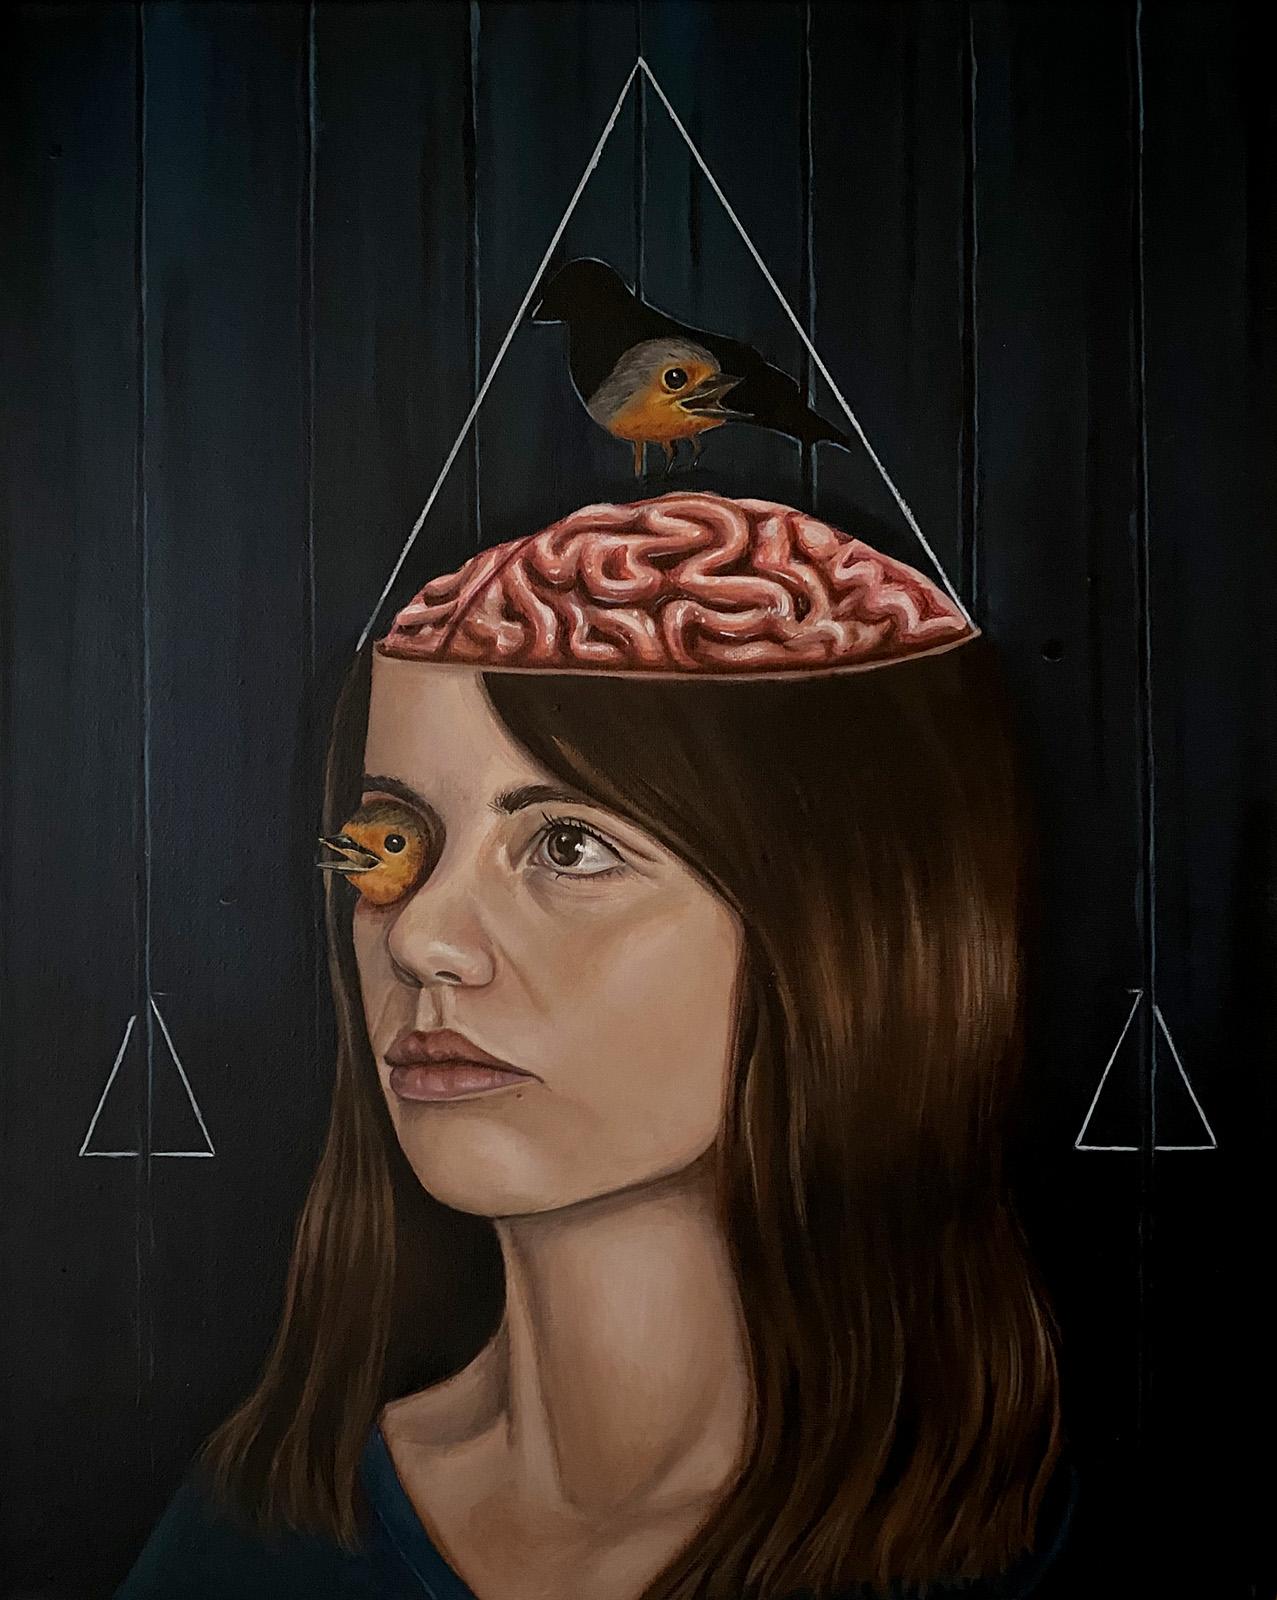 LUNA_ANA_THE_BIRDS